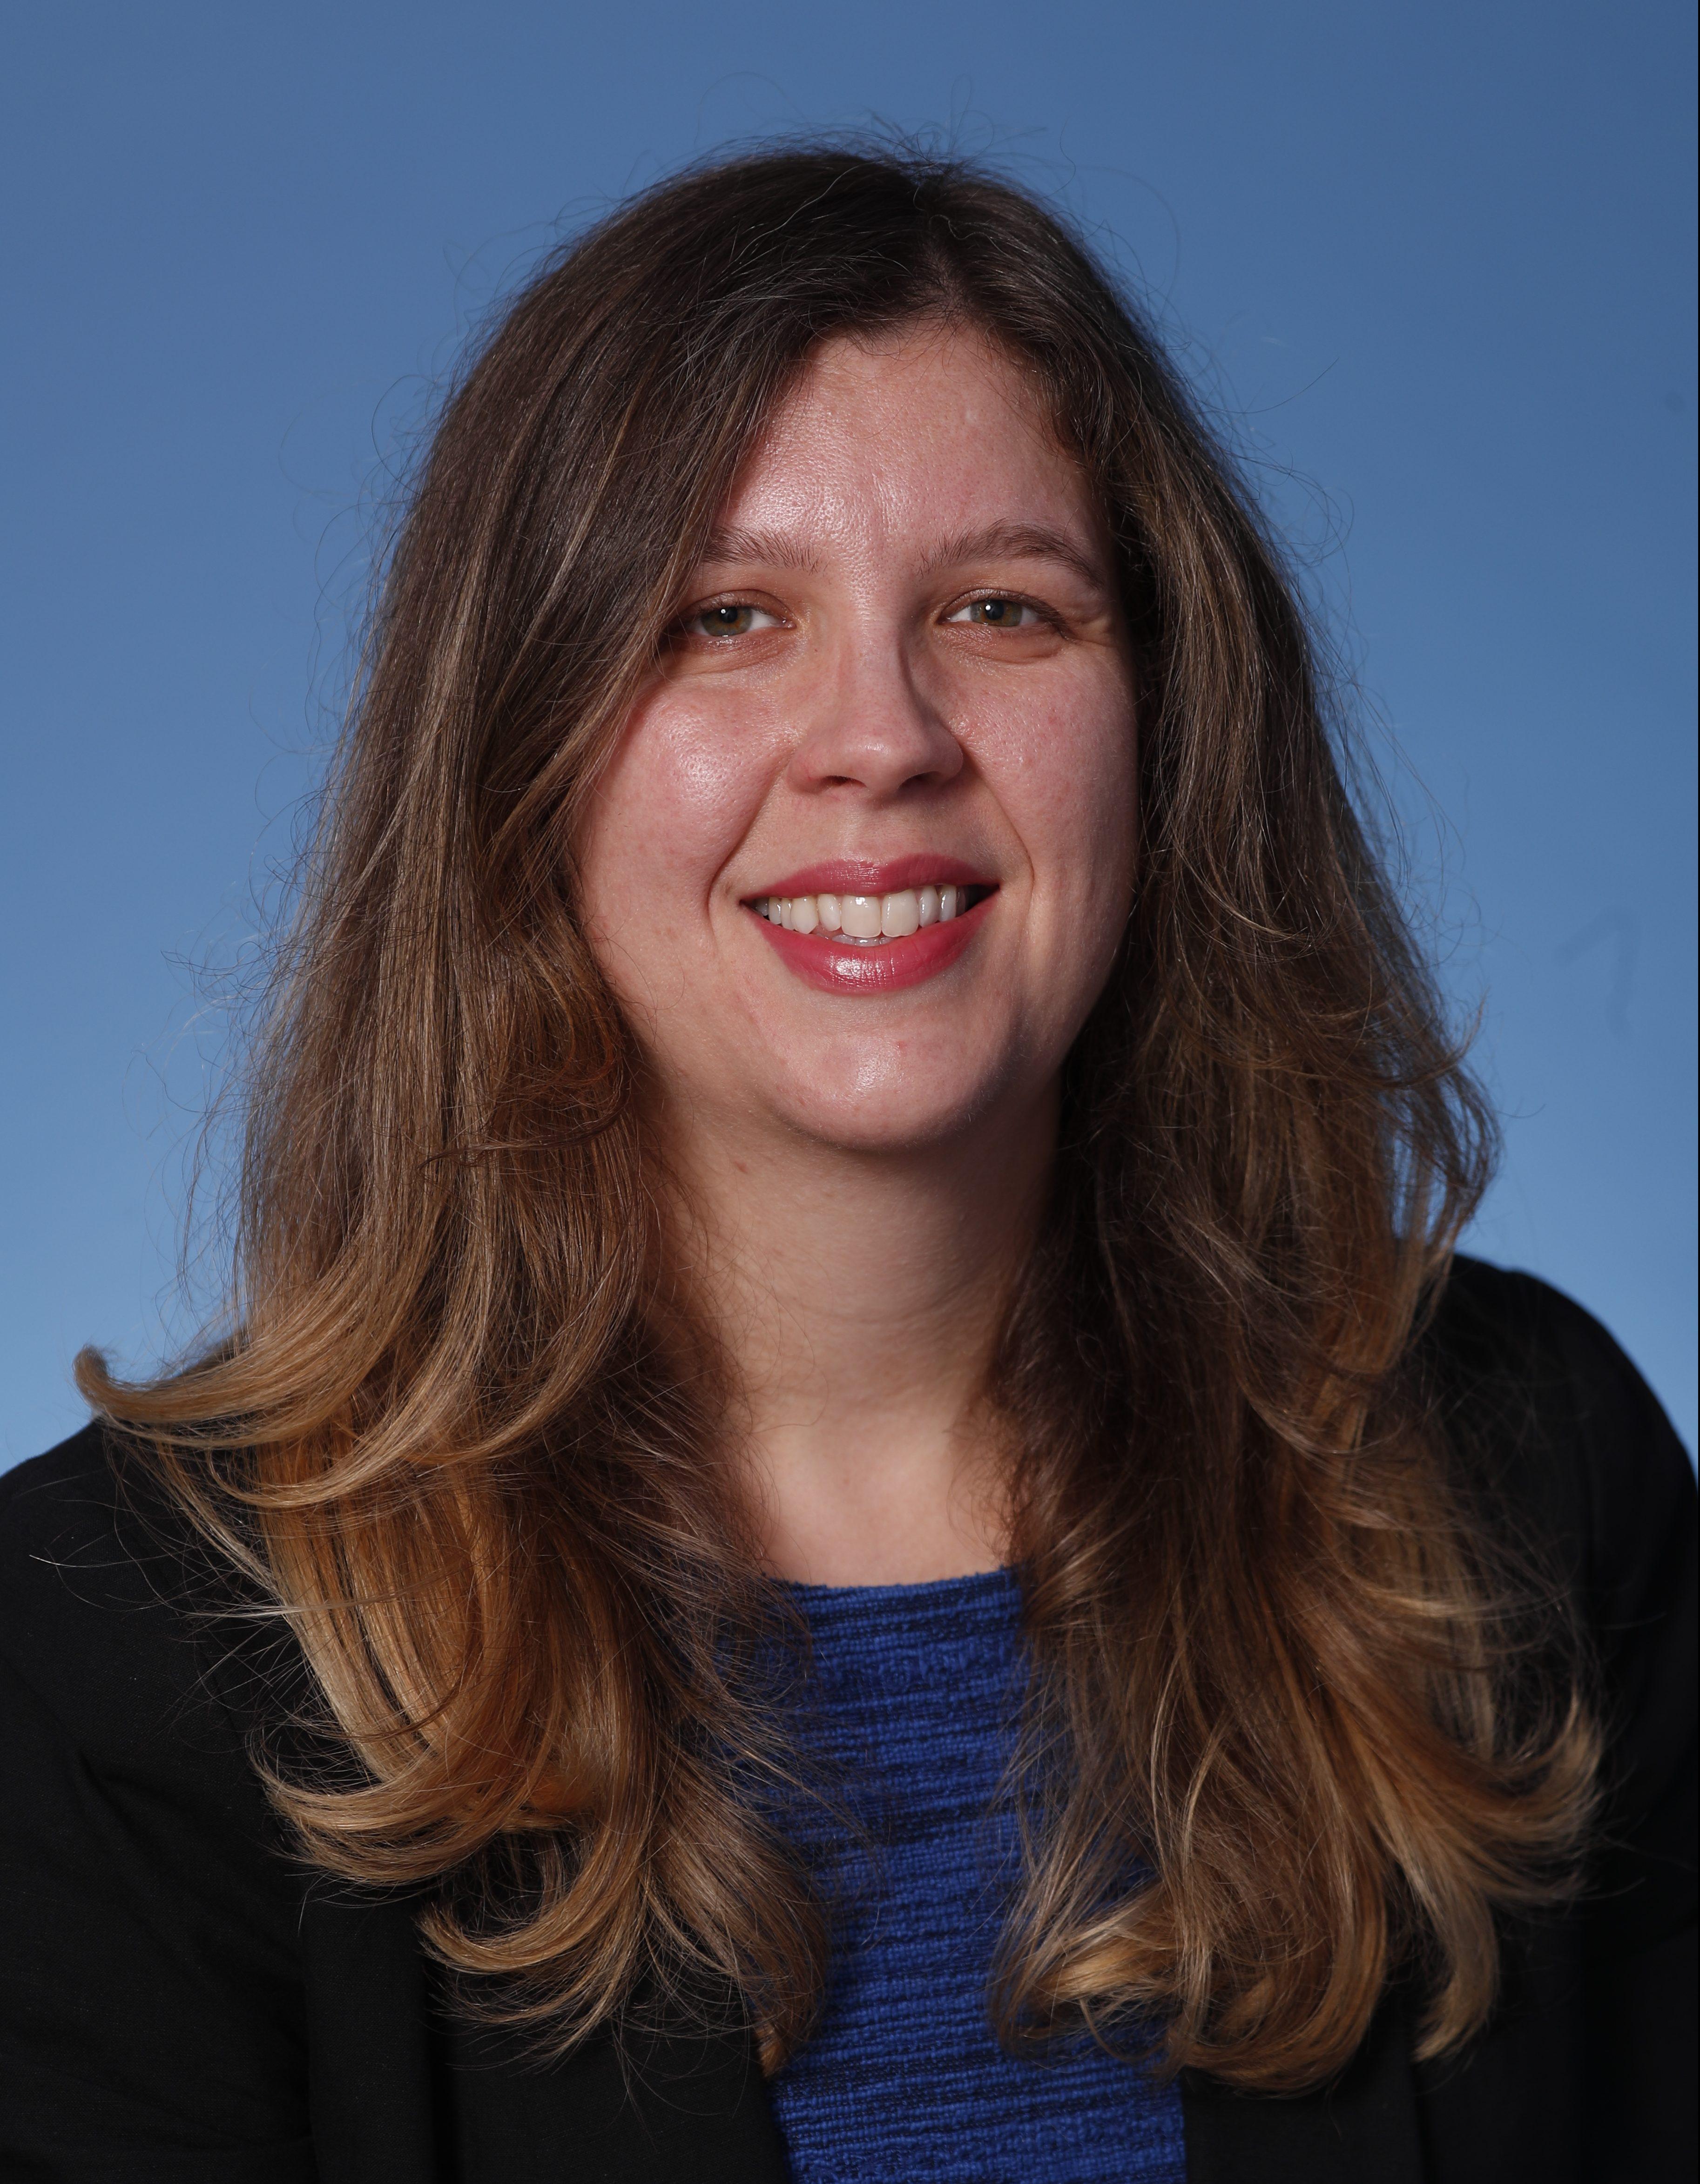 Christine Stenglein